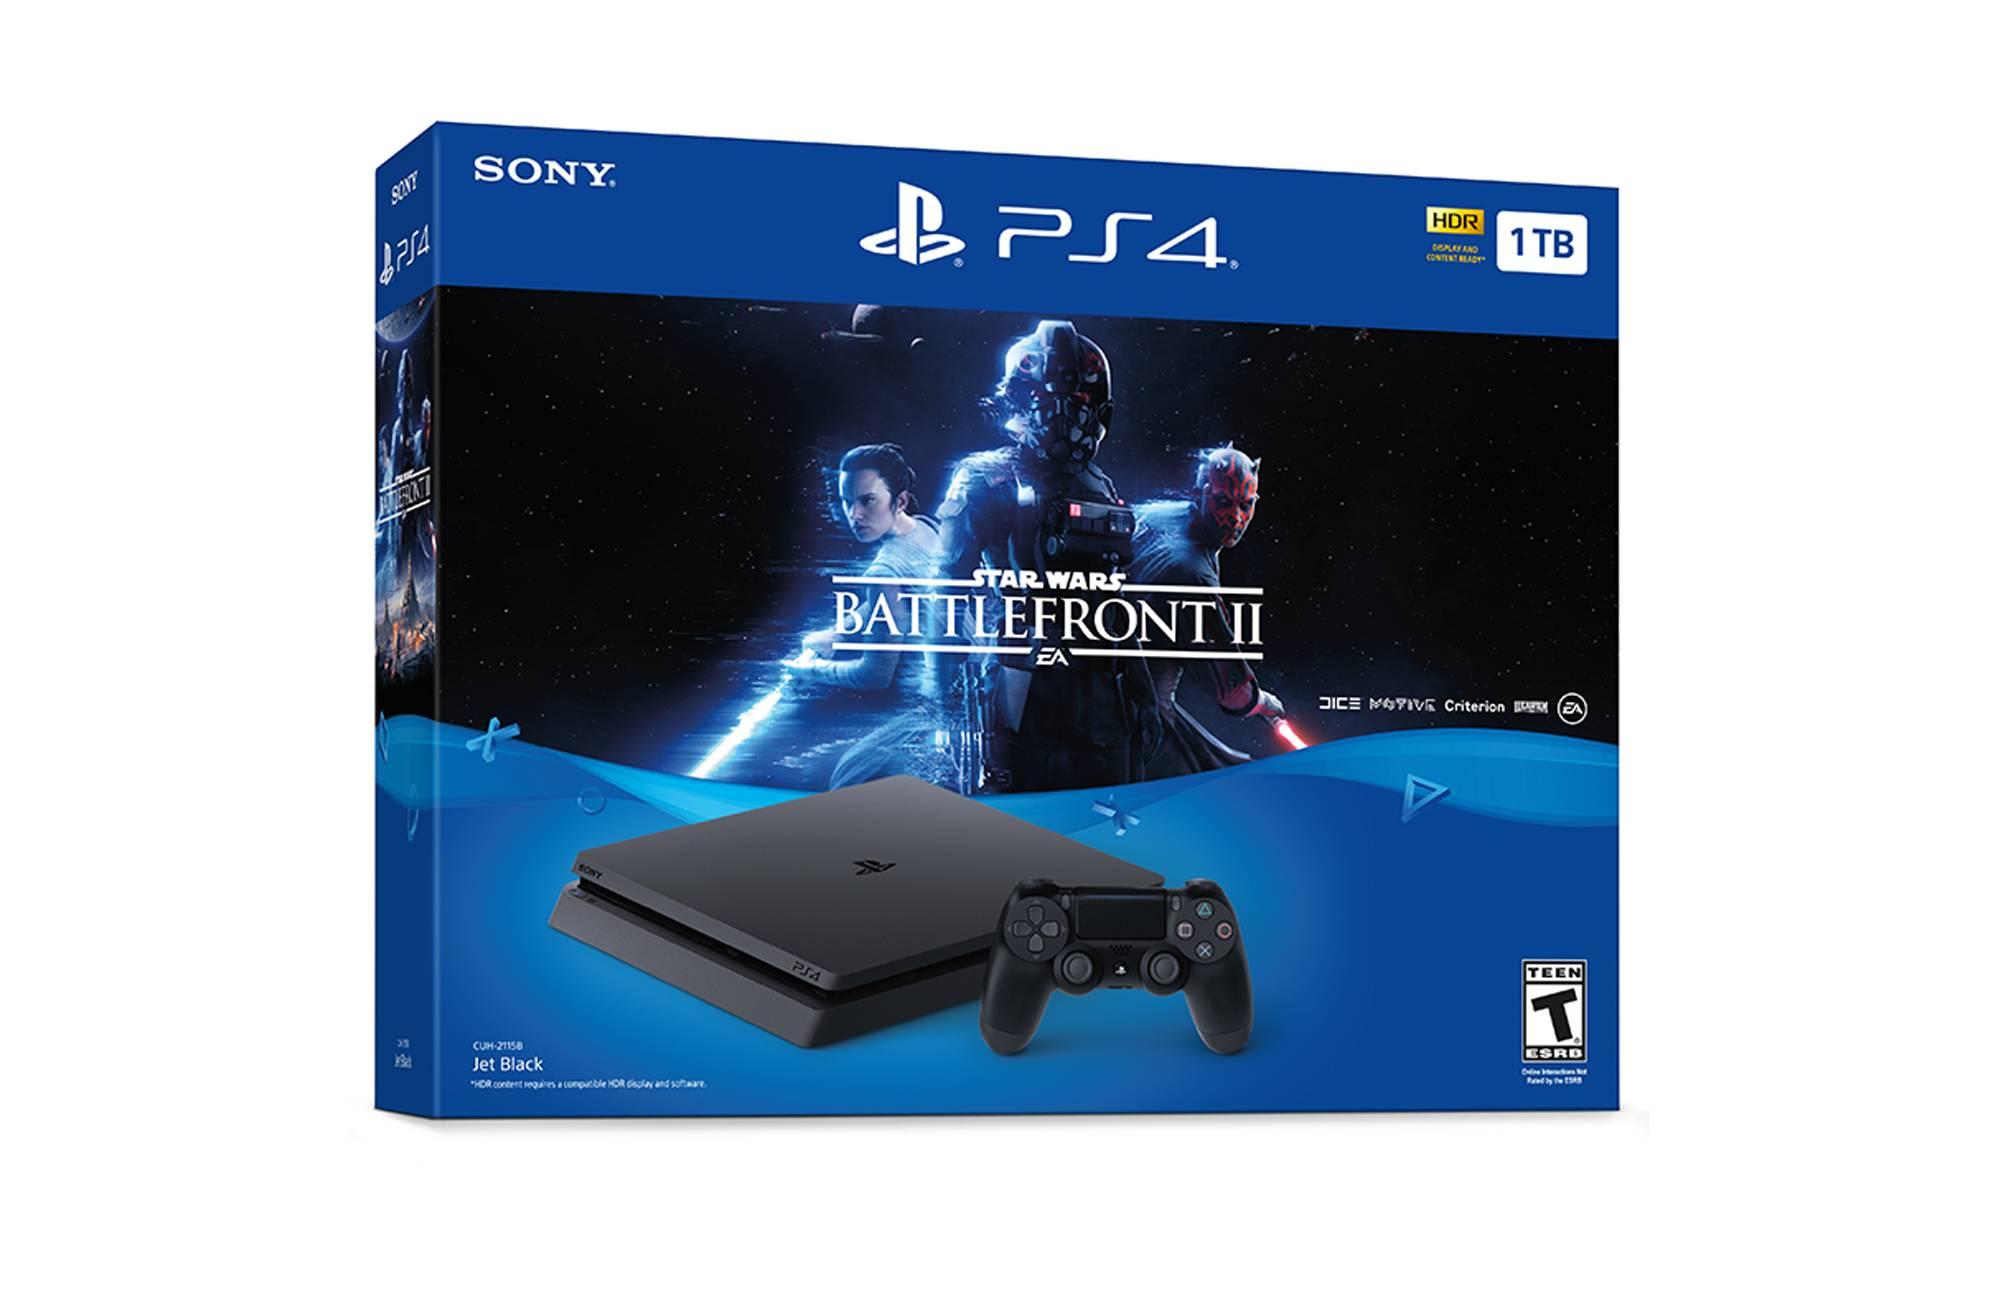 Target - PS4 1TB - Star Wars Battlefront Bundle - $249.99 or lower